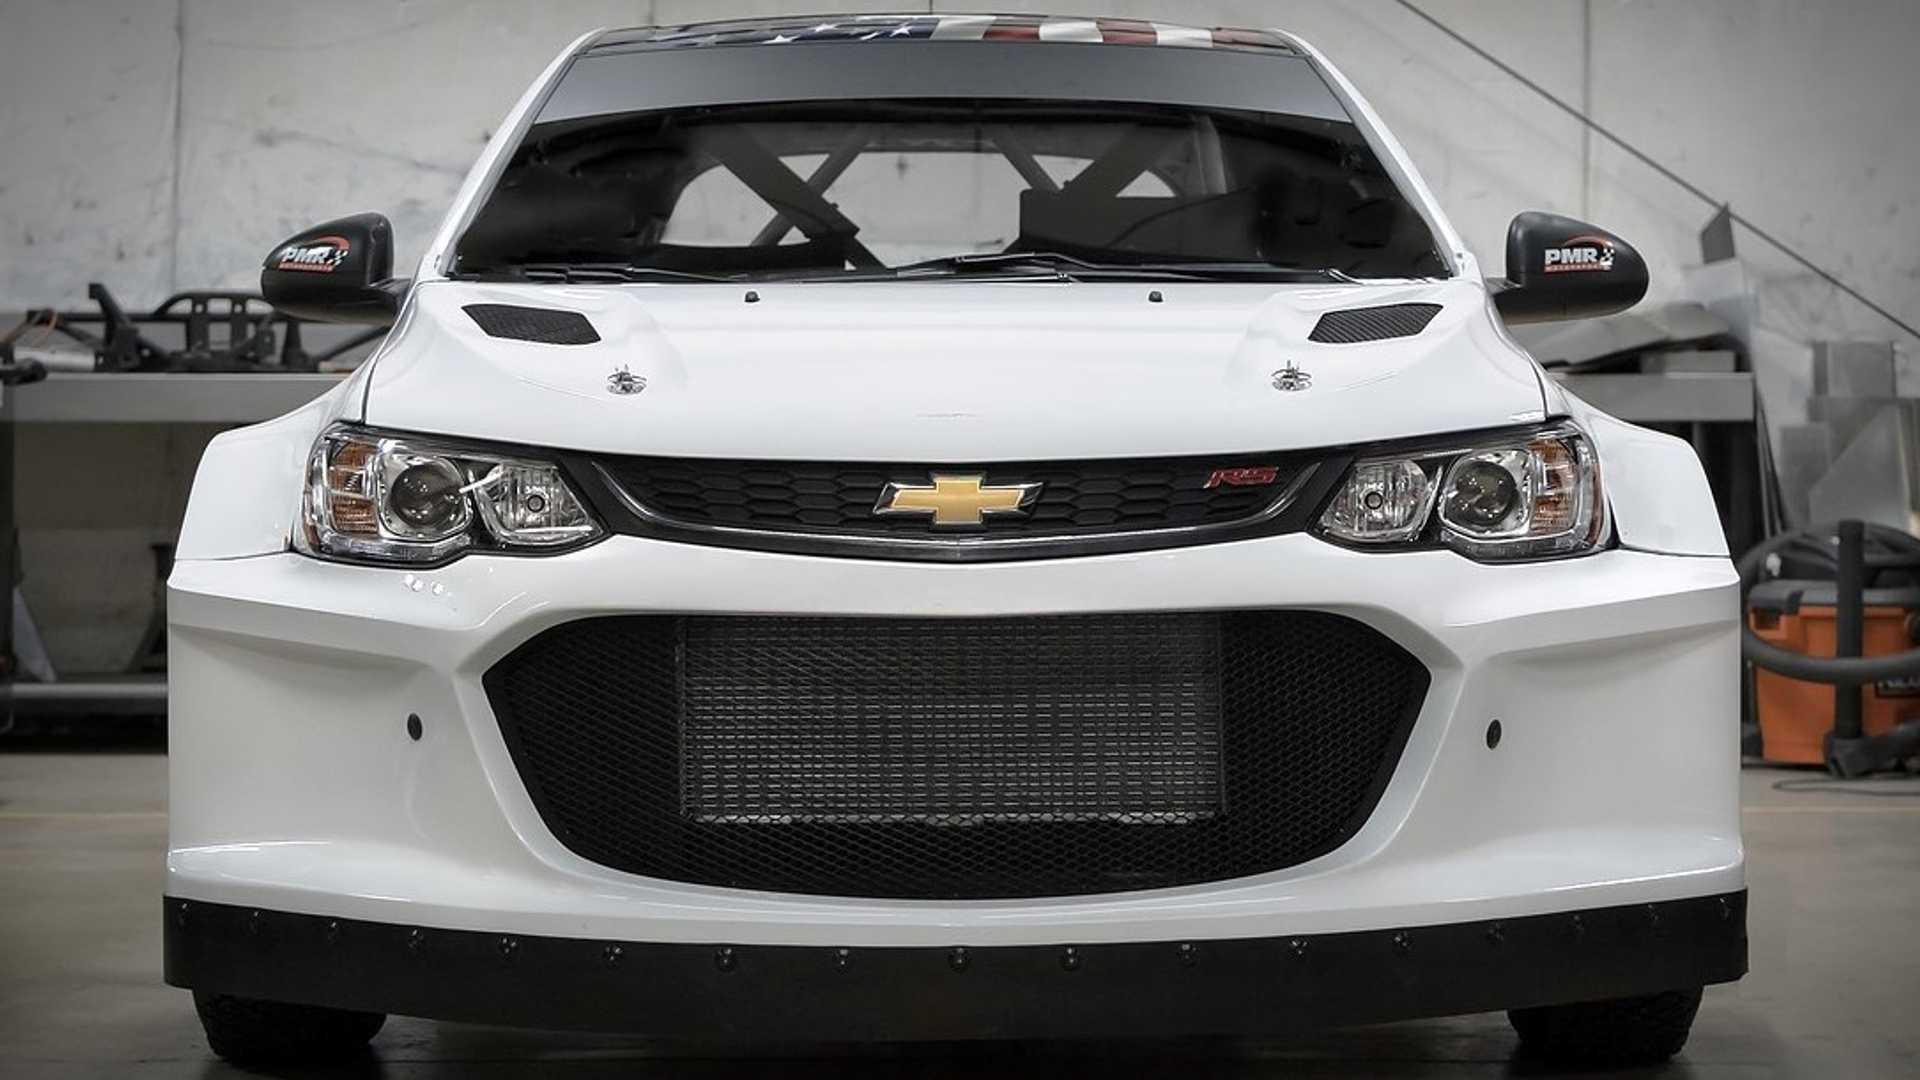 Chevrolet Aveo превратили в раллийный спорткар с мотором от Corvette